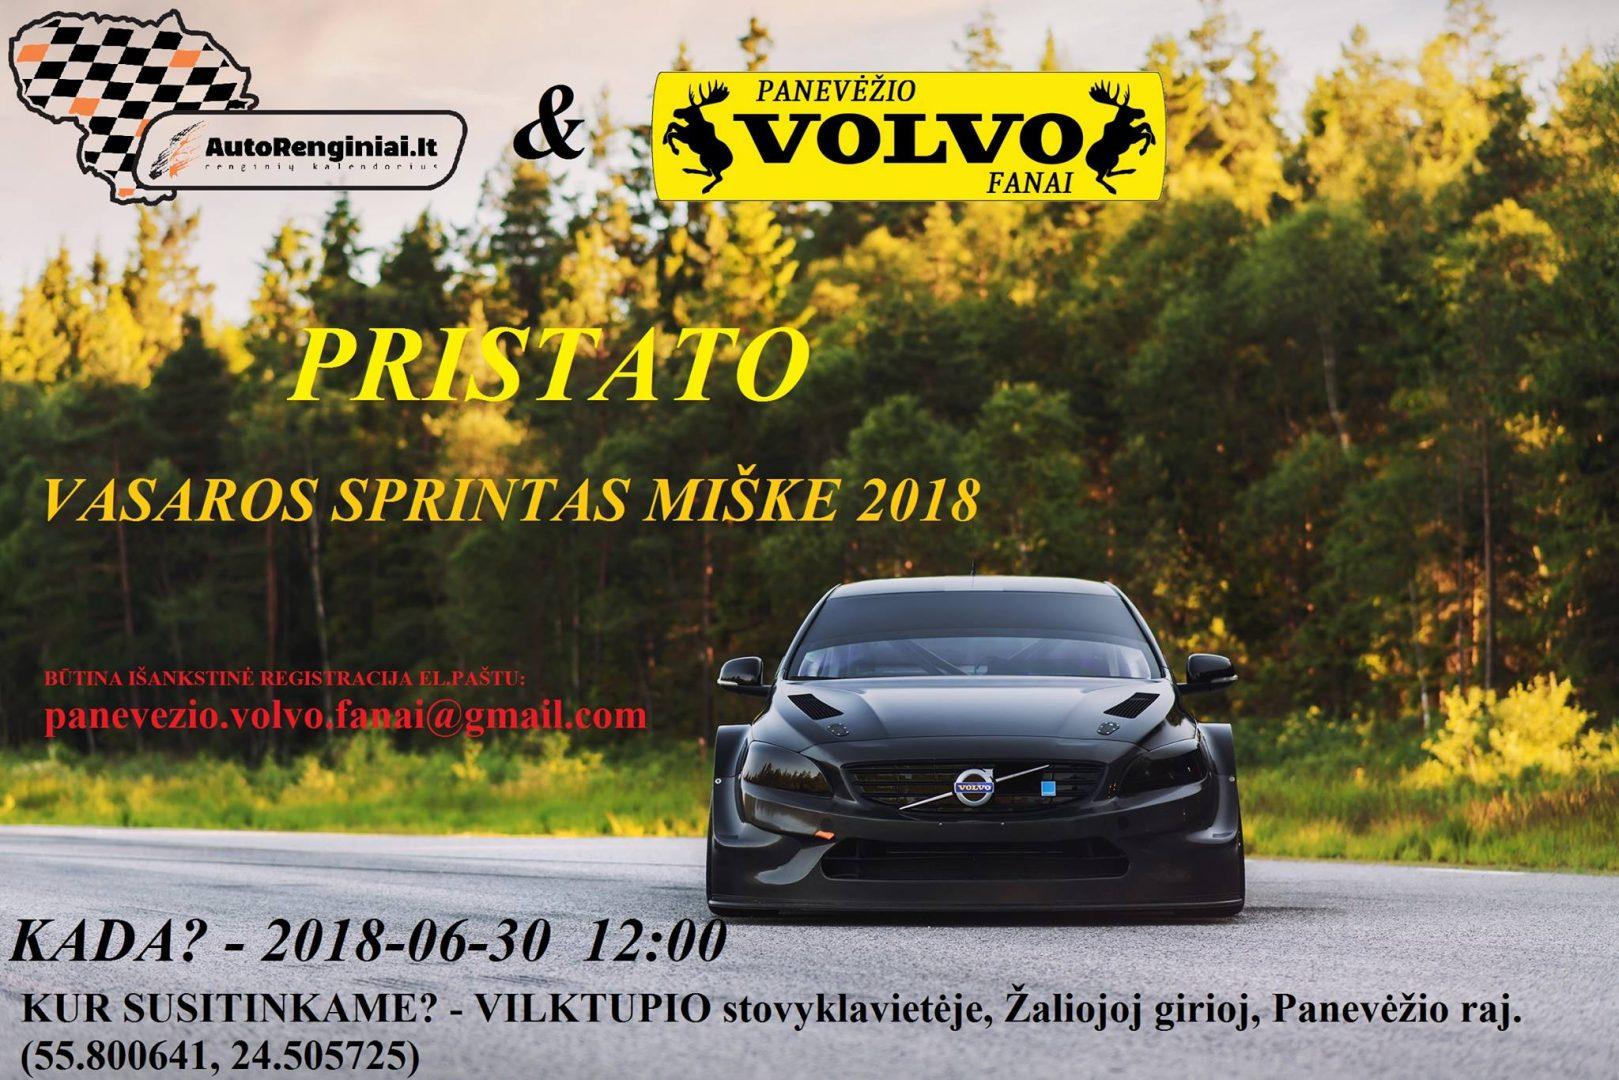 Vasaros sprintas miške 2018-06-30